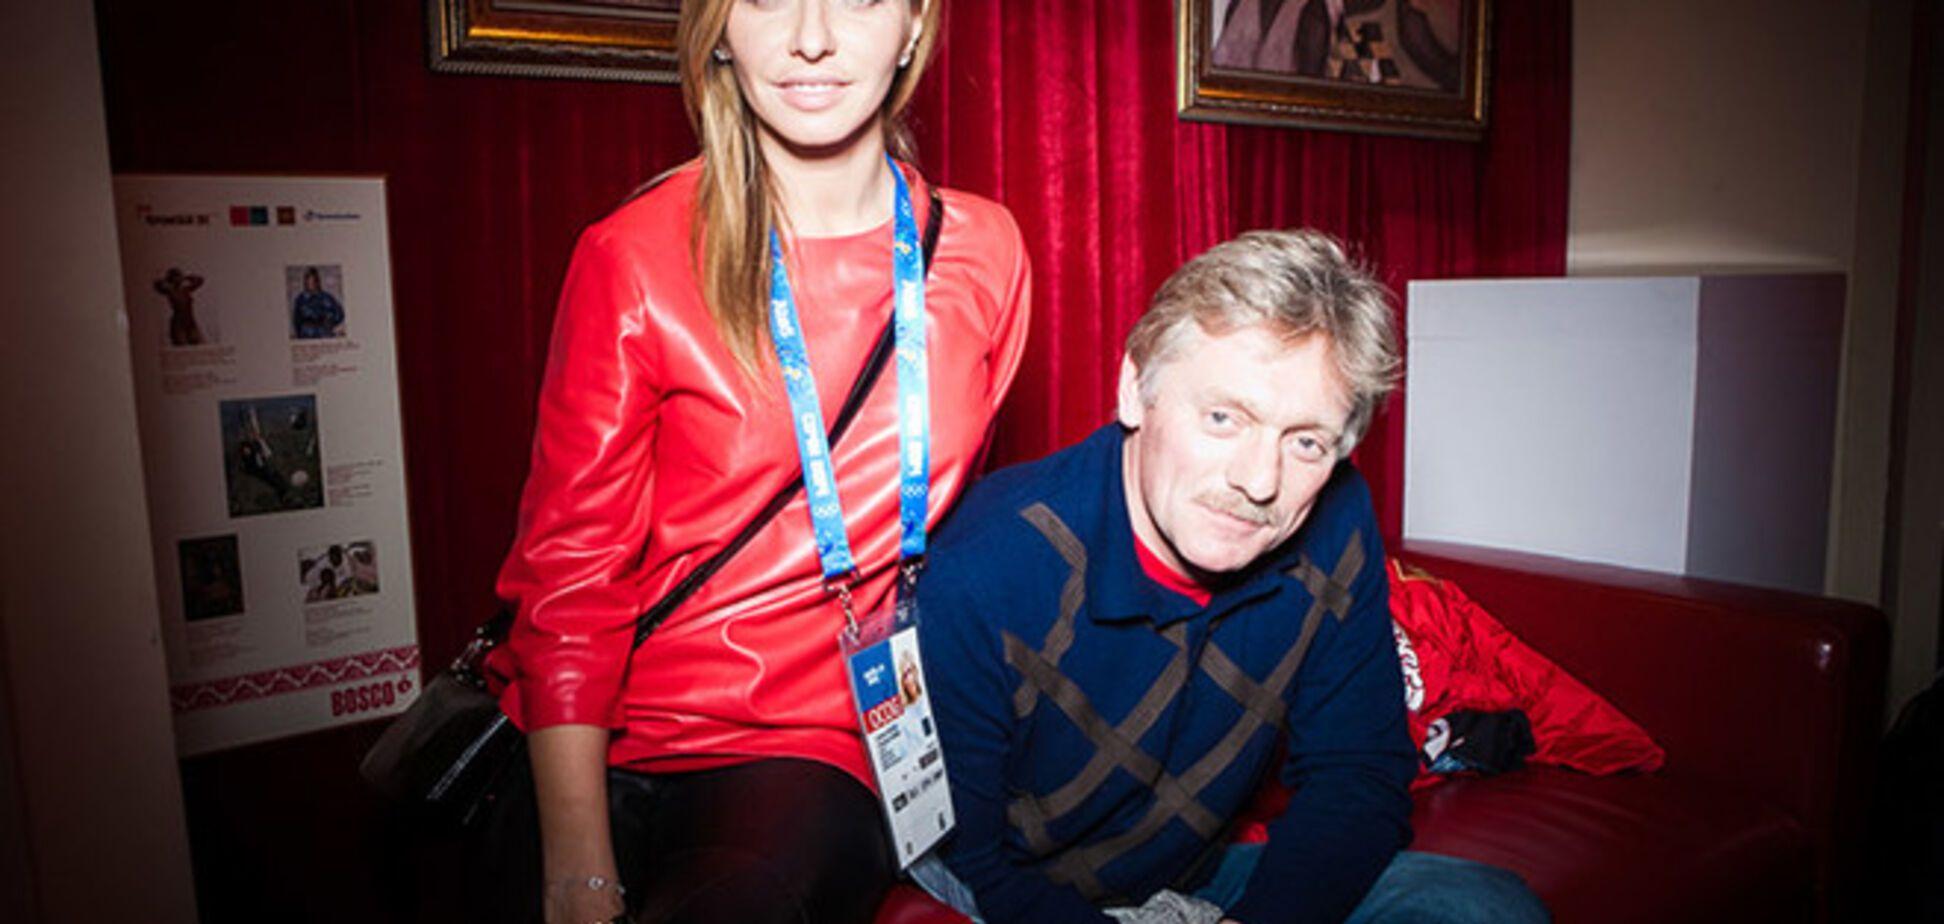 Олімпійська чемпіонка з Дніпропетровська вийшла заміж за прес-секретаря Путіна